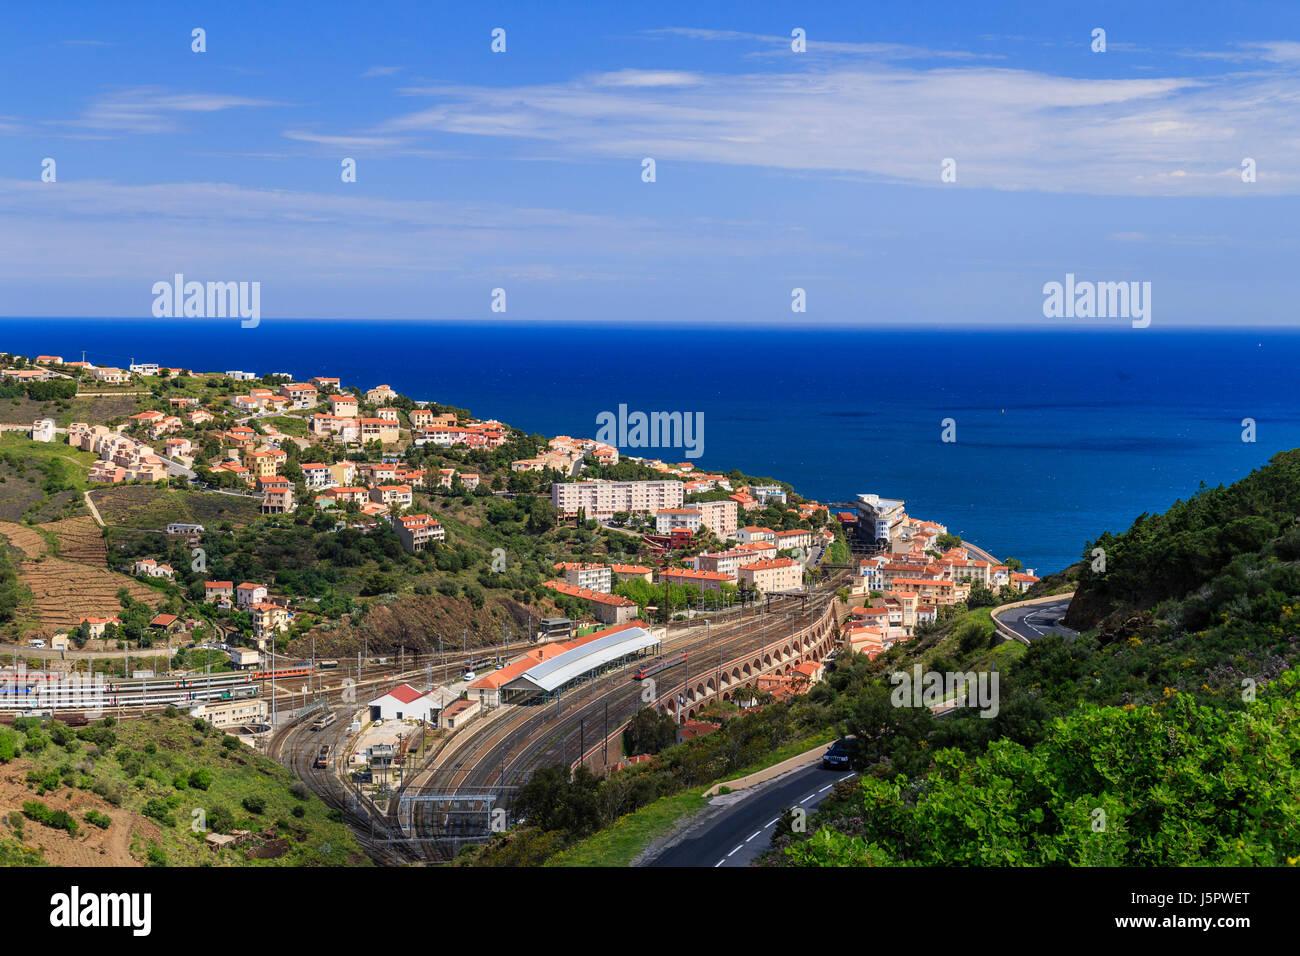 Francia, Pirineos Orientales (66), Cerbère, la ville et la gare // Francia, Pirineos Orientales, Cerbere, la ciudad Foto de stock